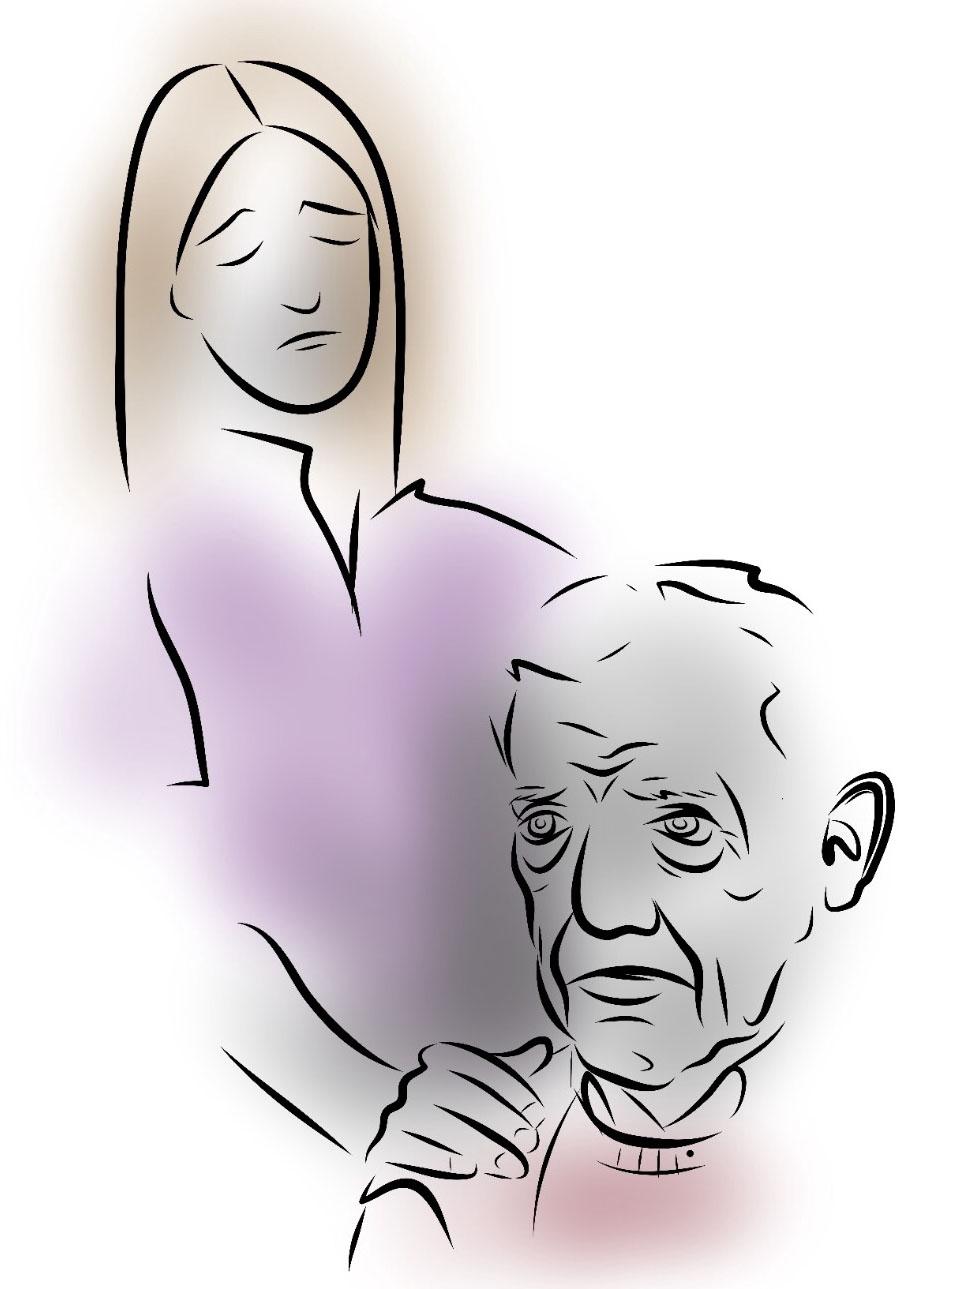 Fackets bild av äldreomsorgen: En svår och stressig miljö